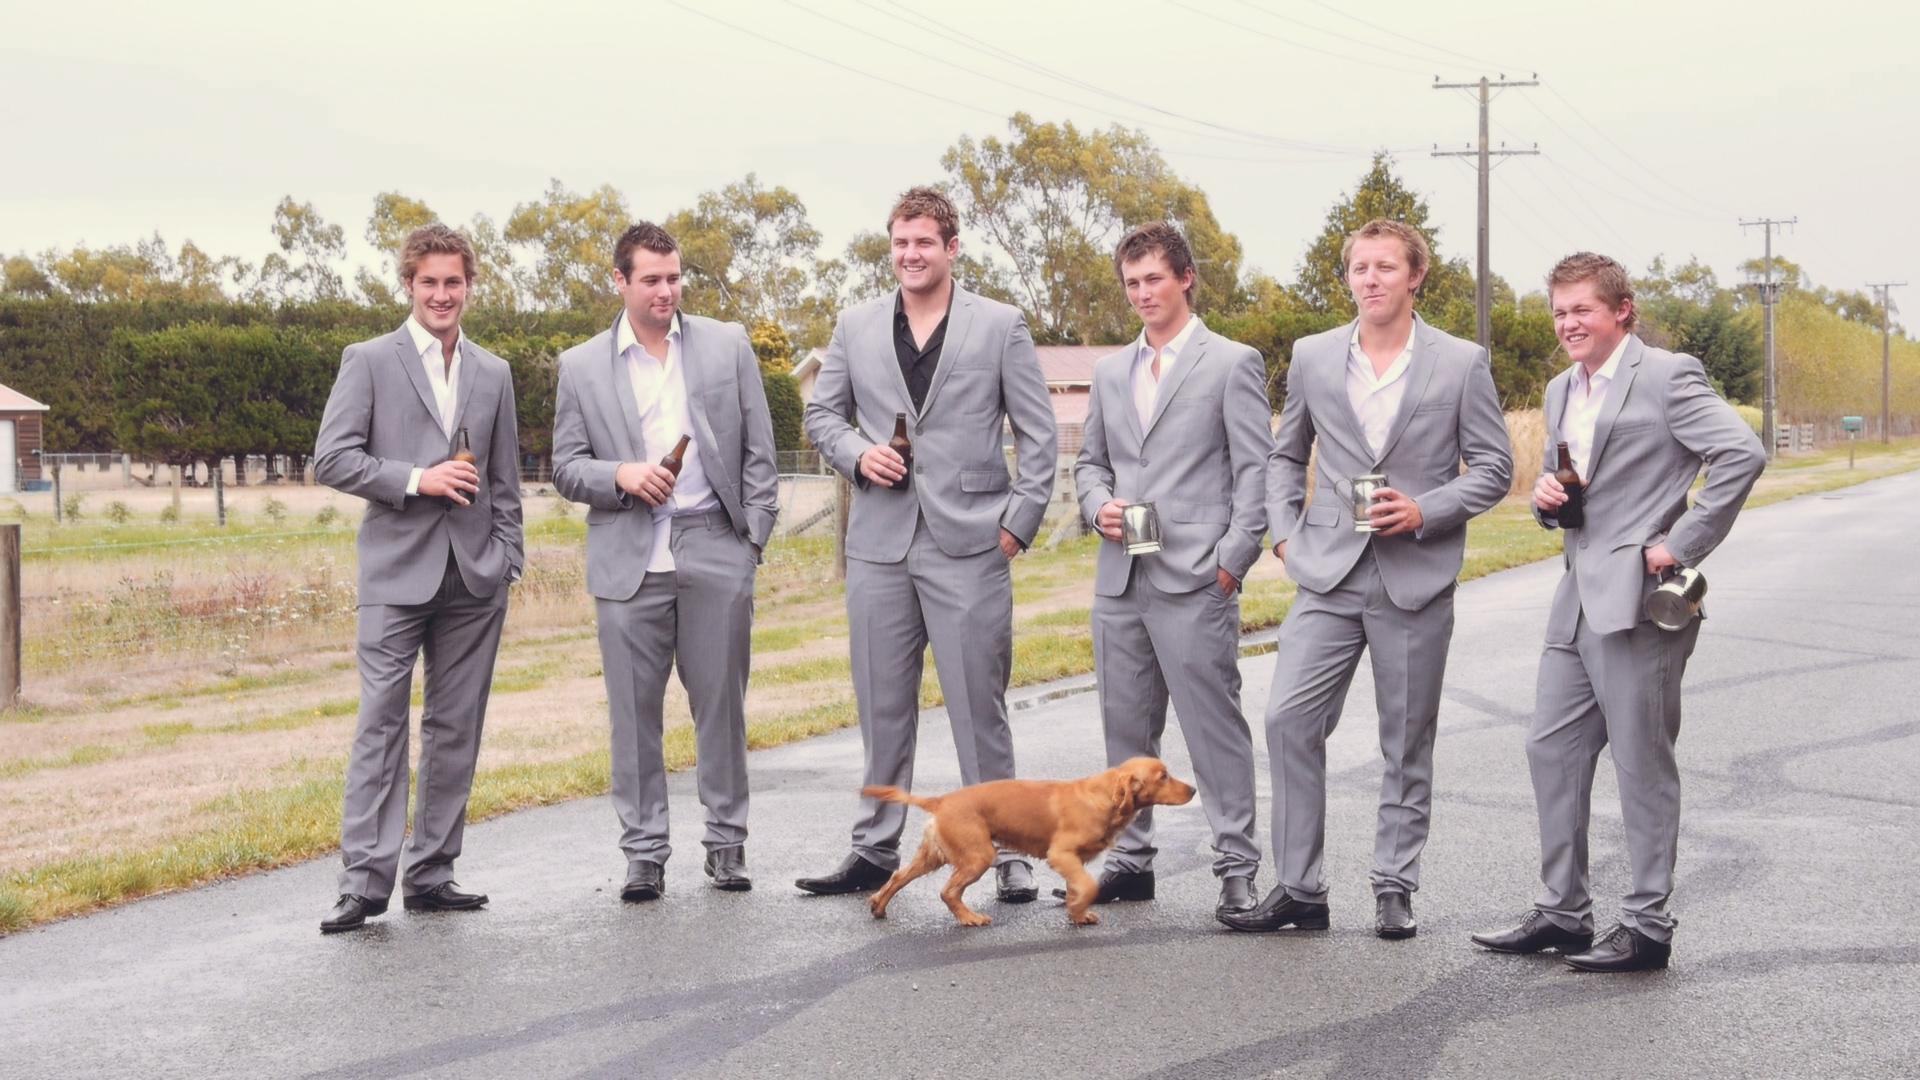 WeddingFilm_FULLSCREEN.00_01_45_19.Still007.jpg